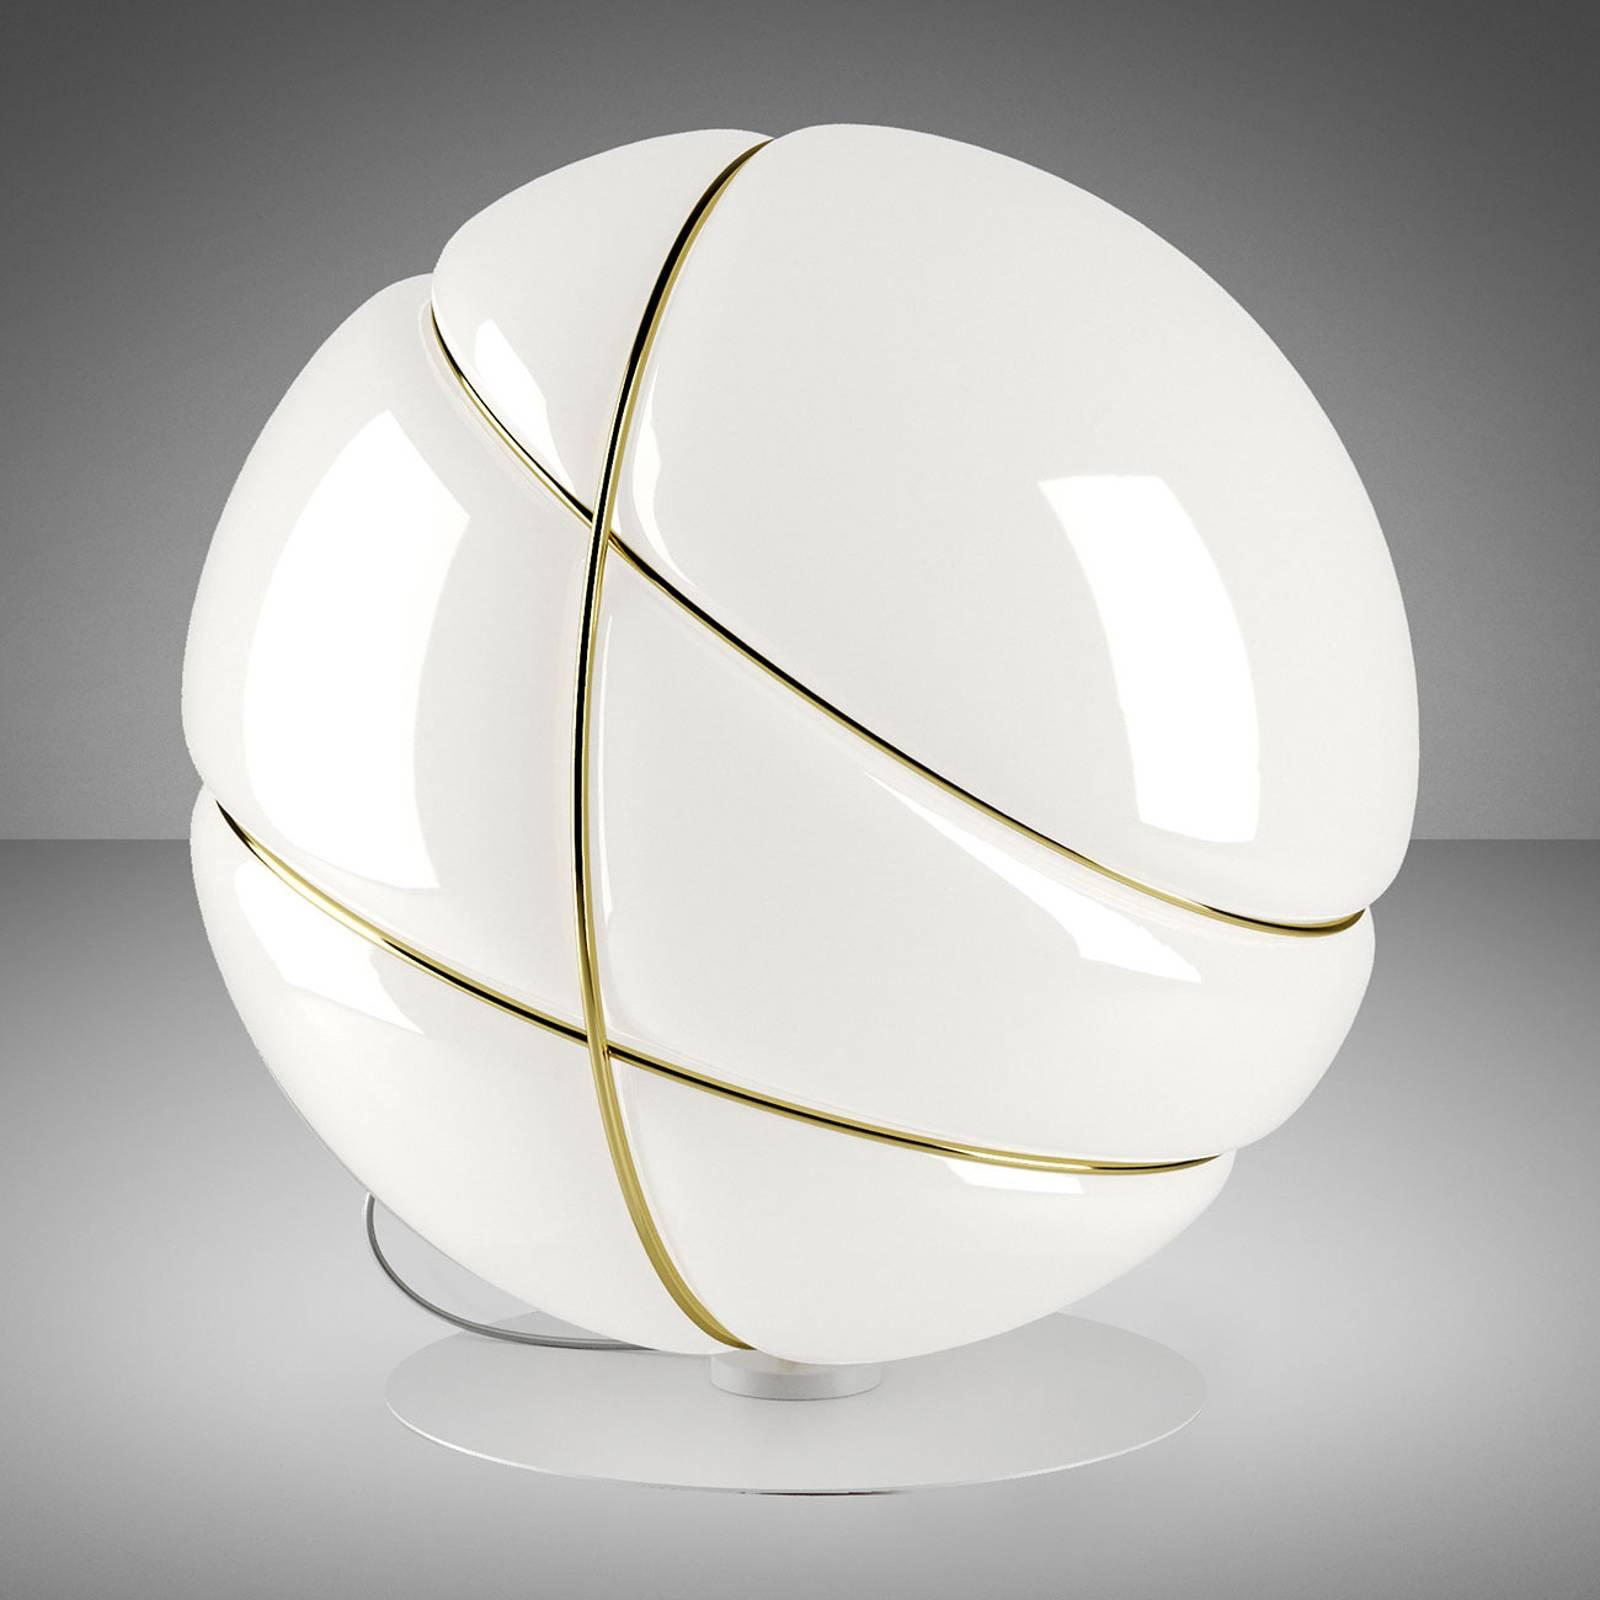 Fabbian Armilla glazen tafellamp wit, goud